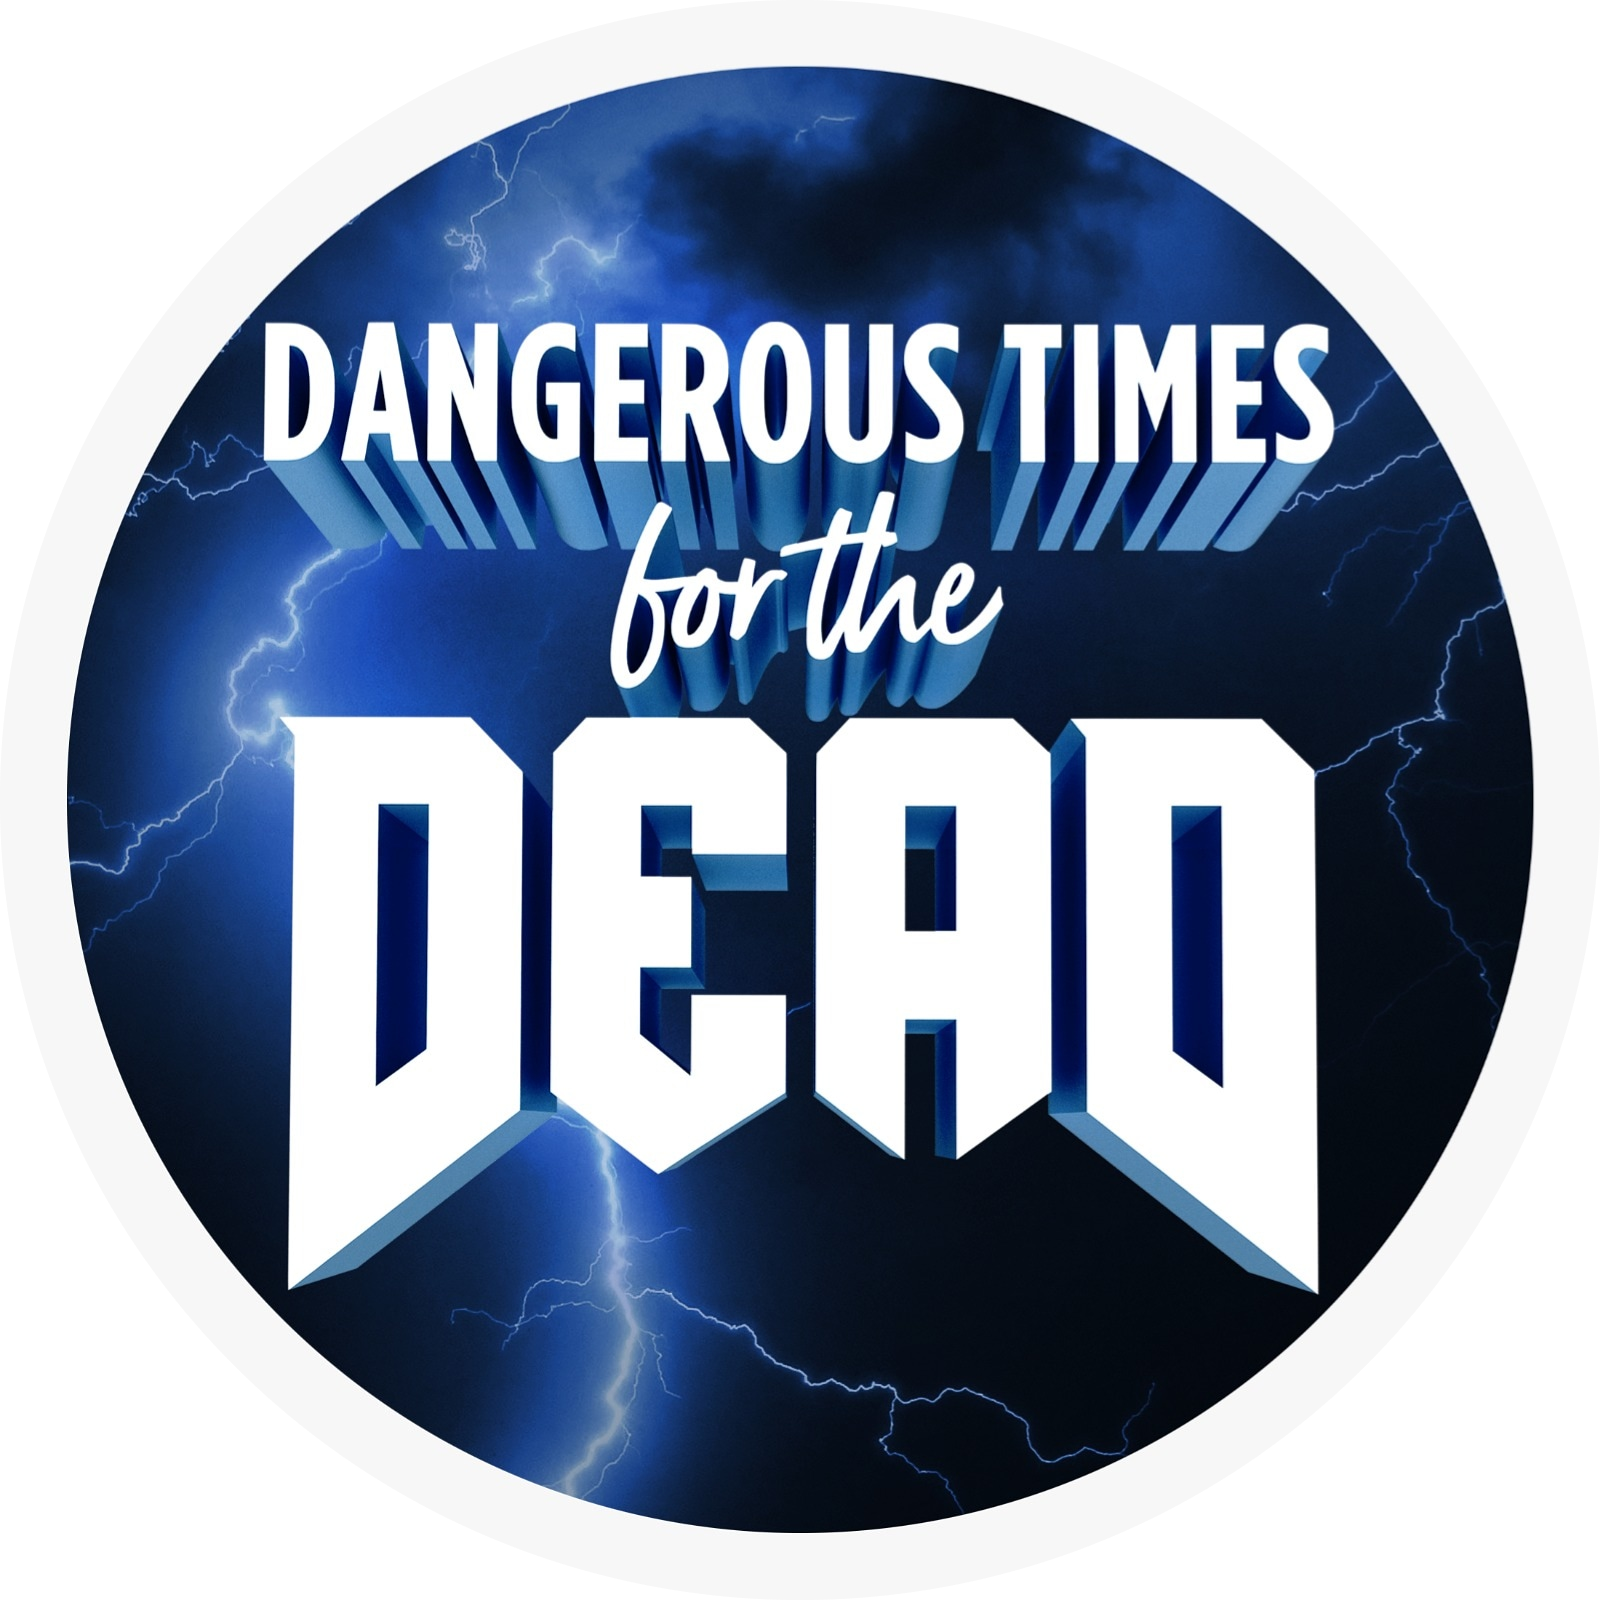 @dangertimedead Profile Image | Linktree